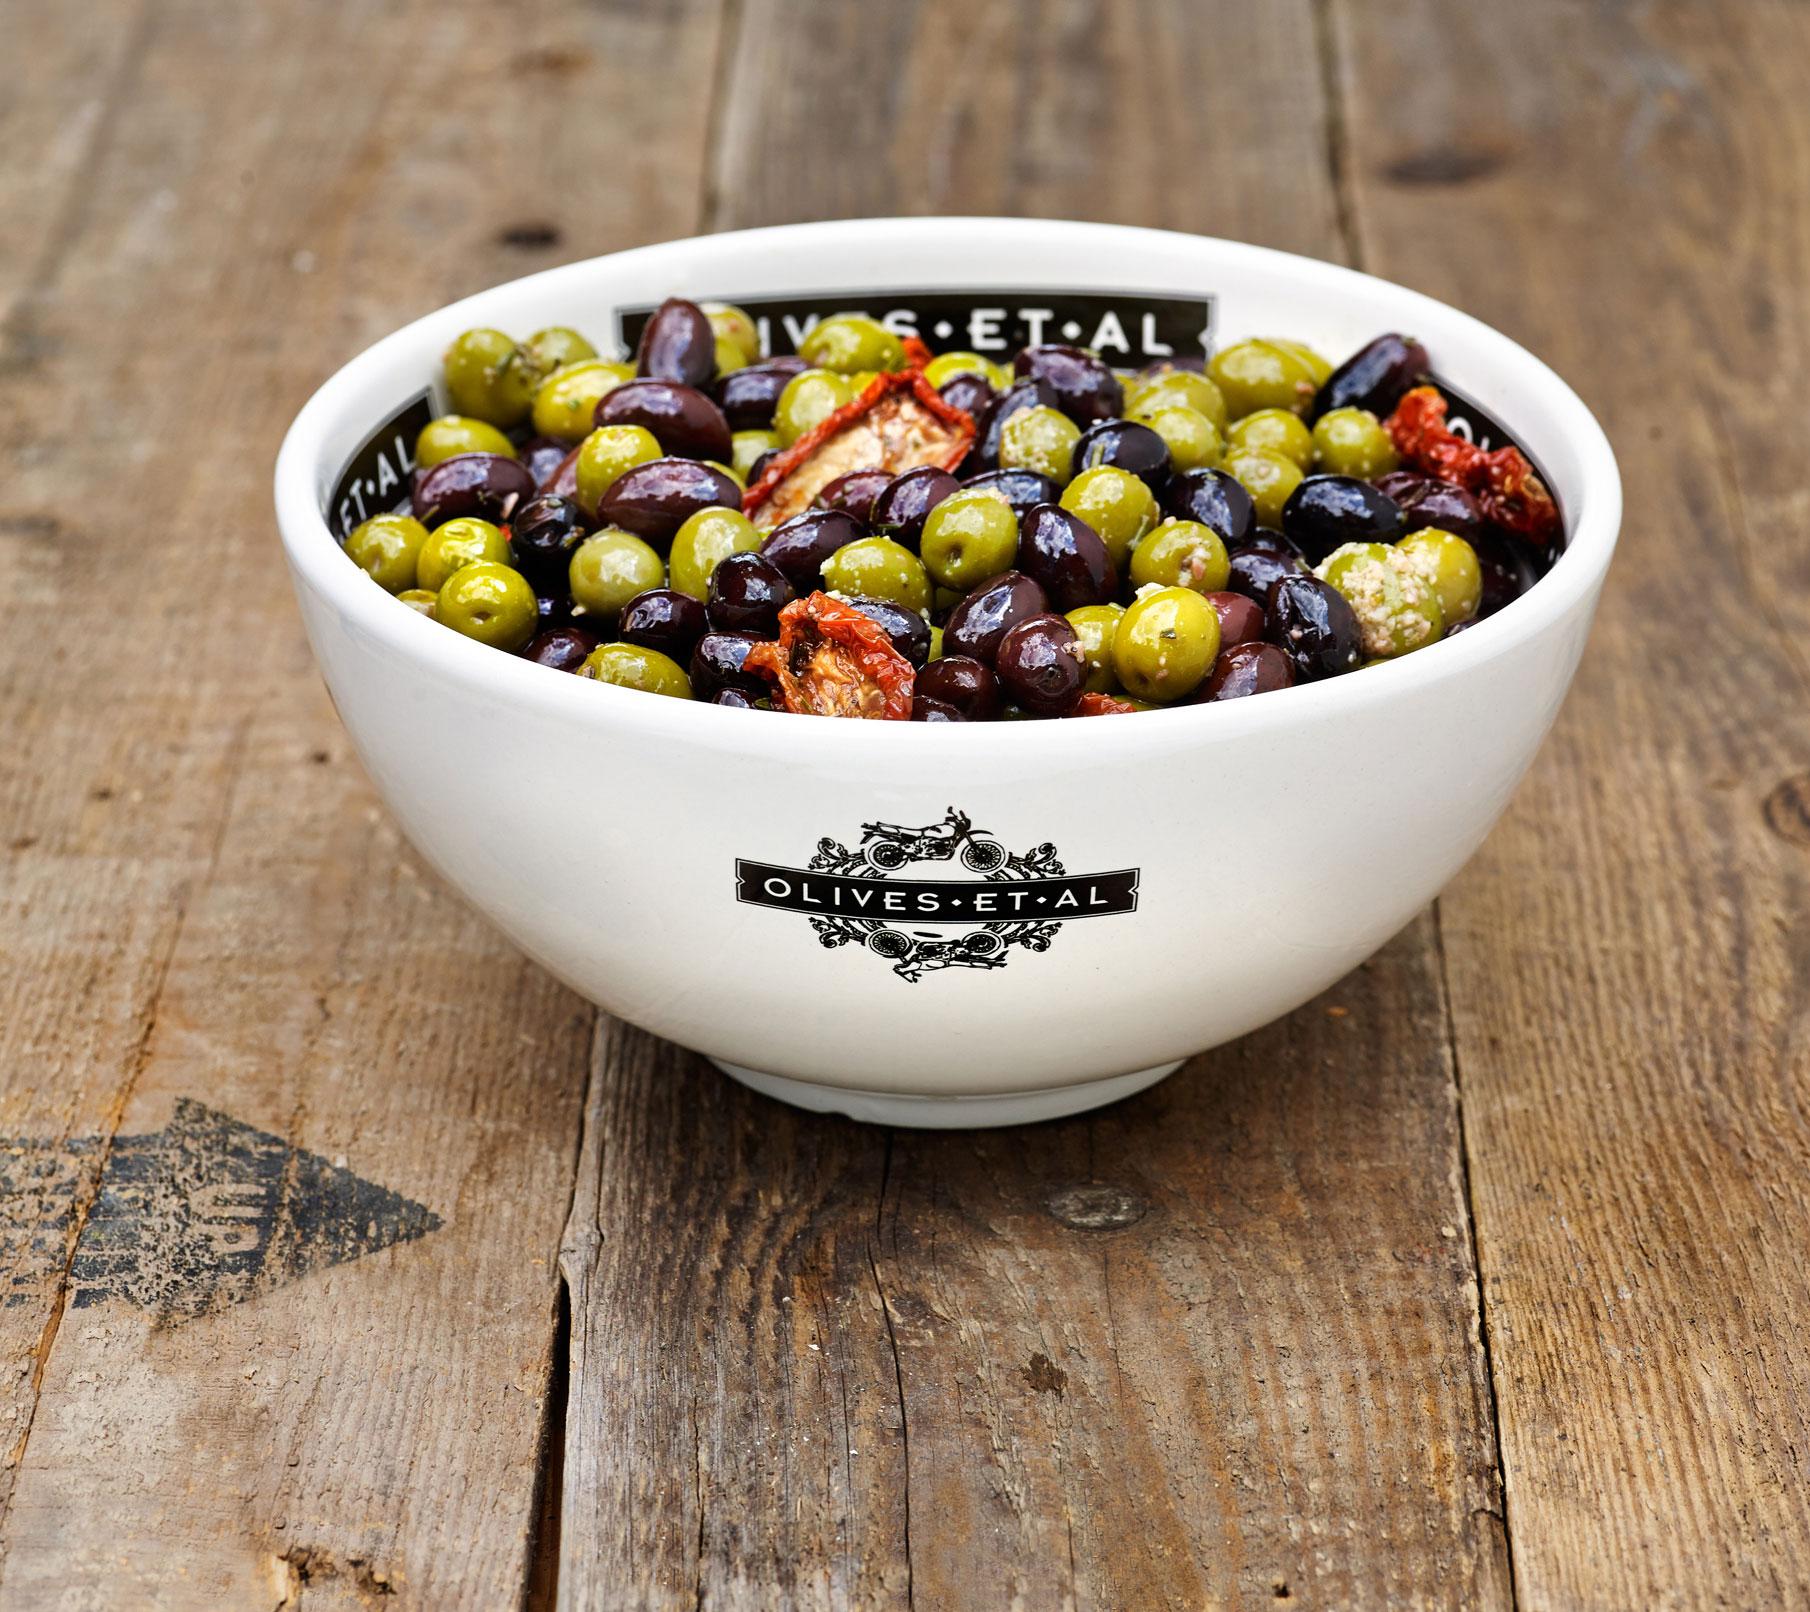 olives-1_olives-et-al_gastro-worldwide.jpg